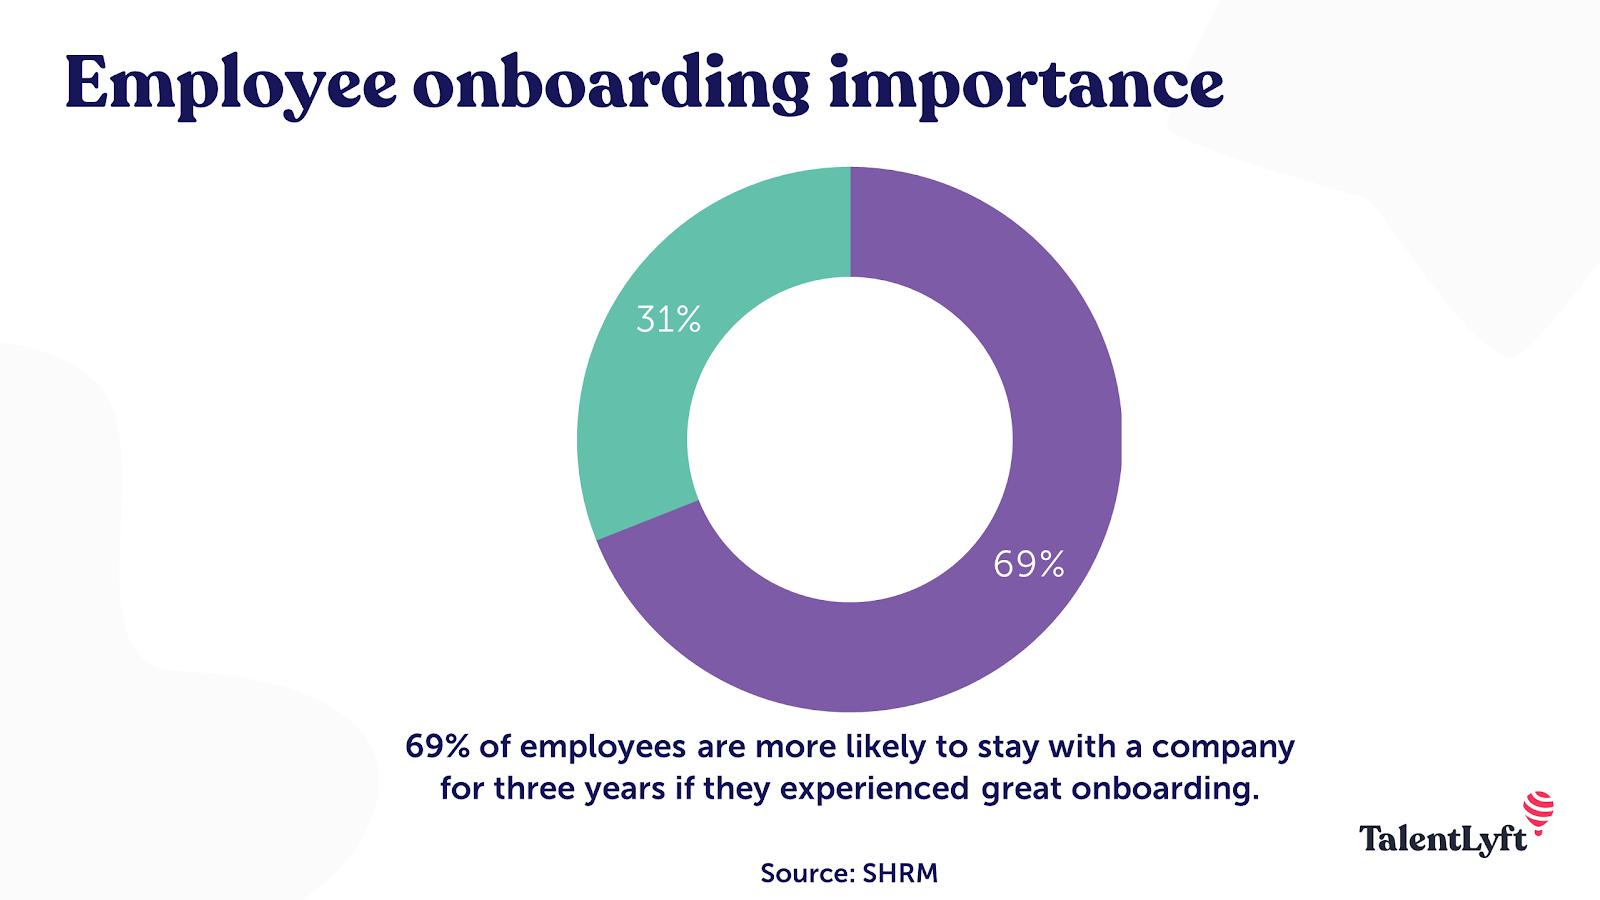 Employee onboarding importance